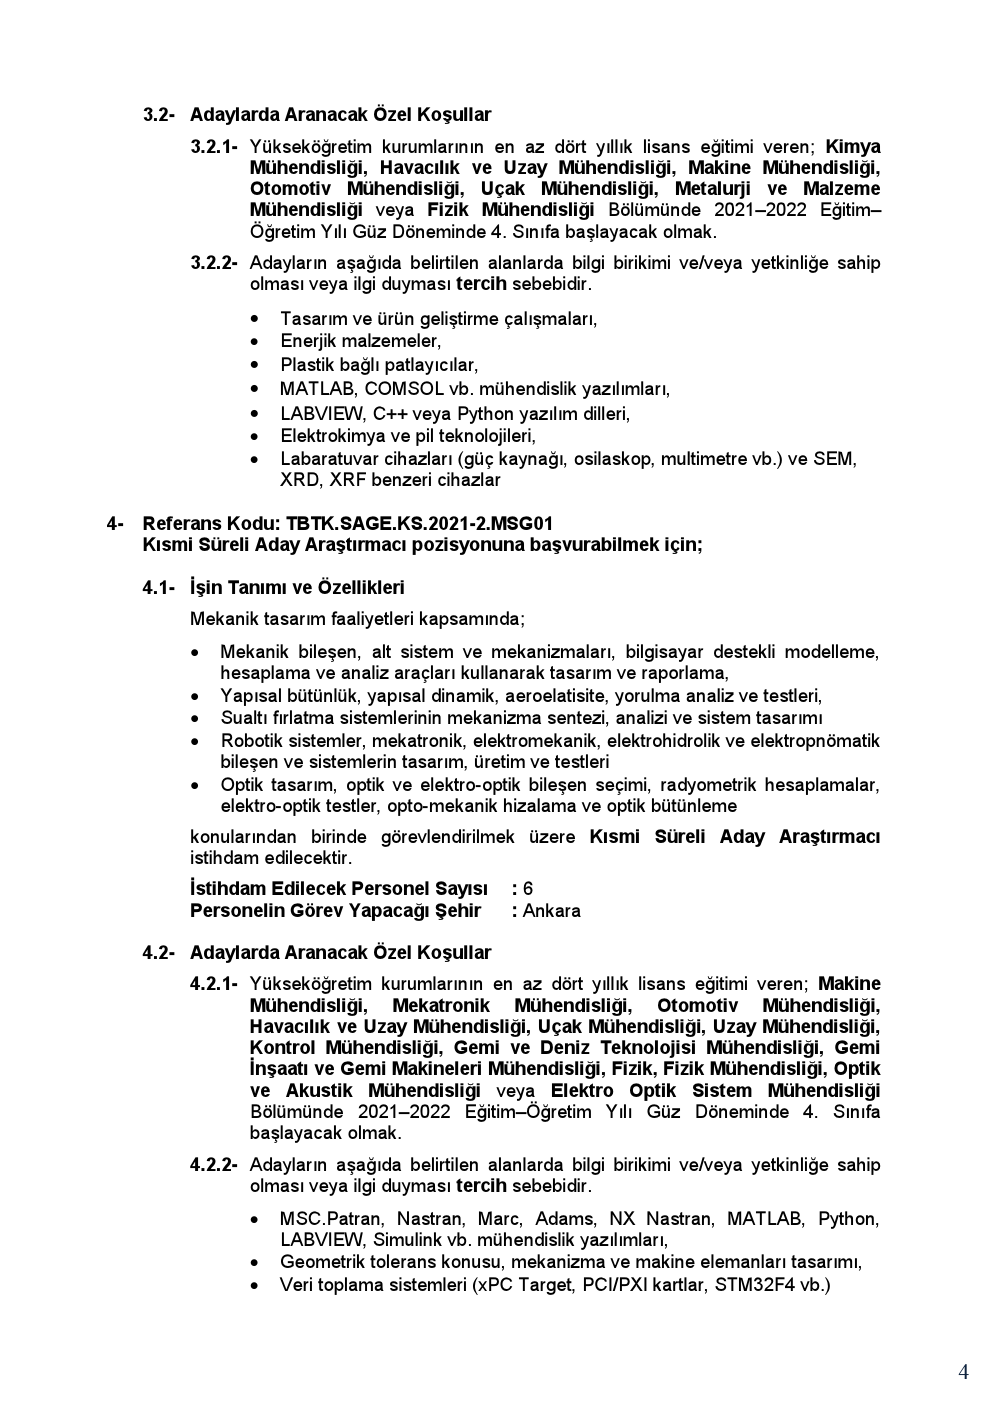 ankara-tubitak-sage-26-04-2021-000005.png